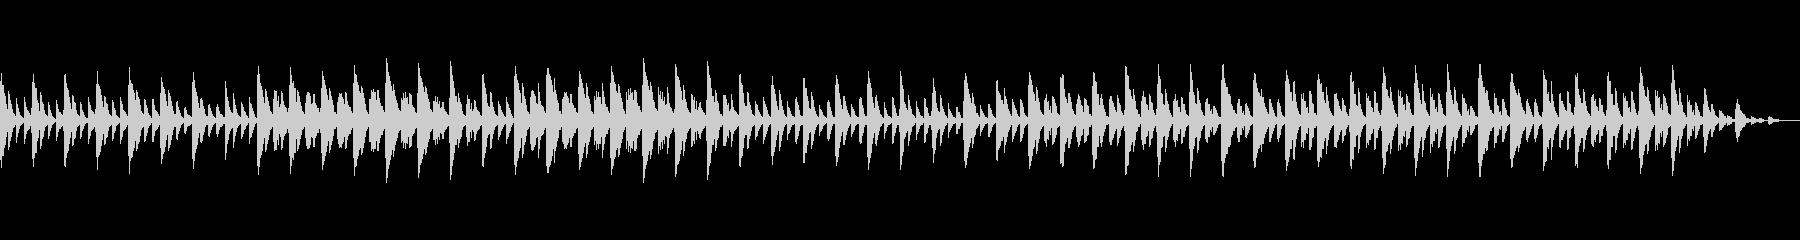 可愛らしい音色と優しい音楽の未再生の波形